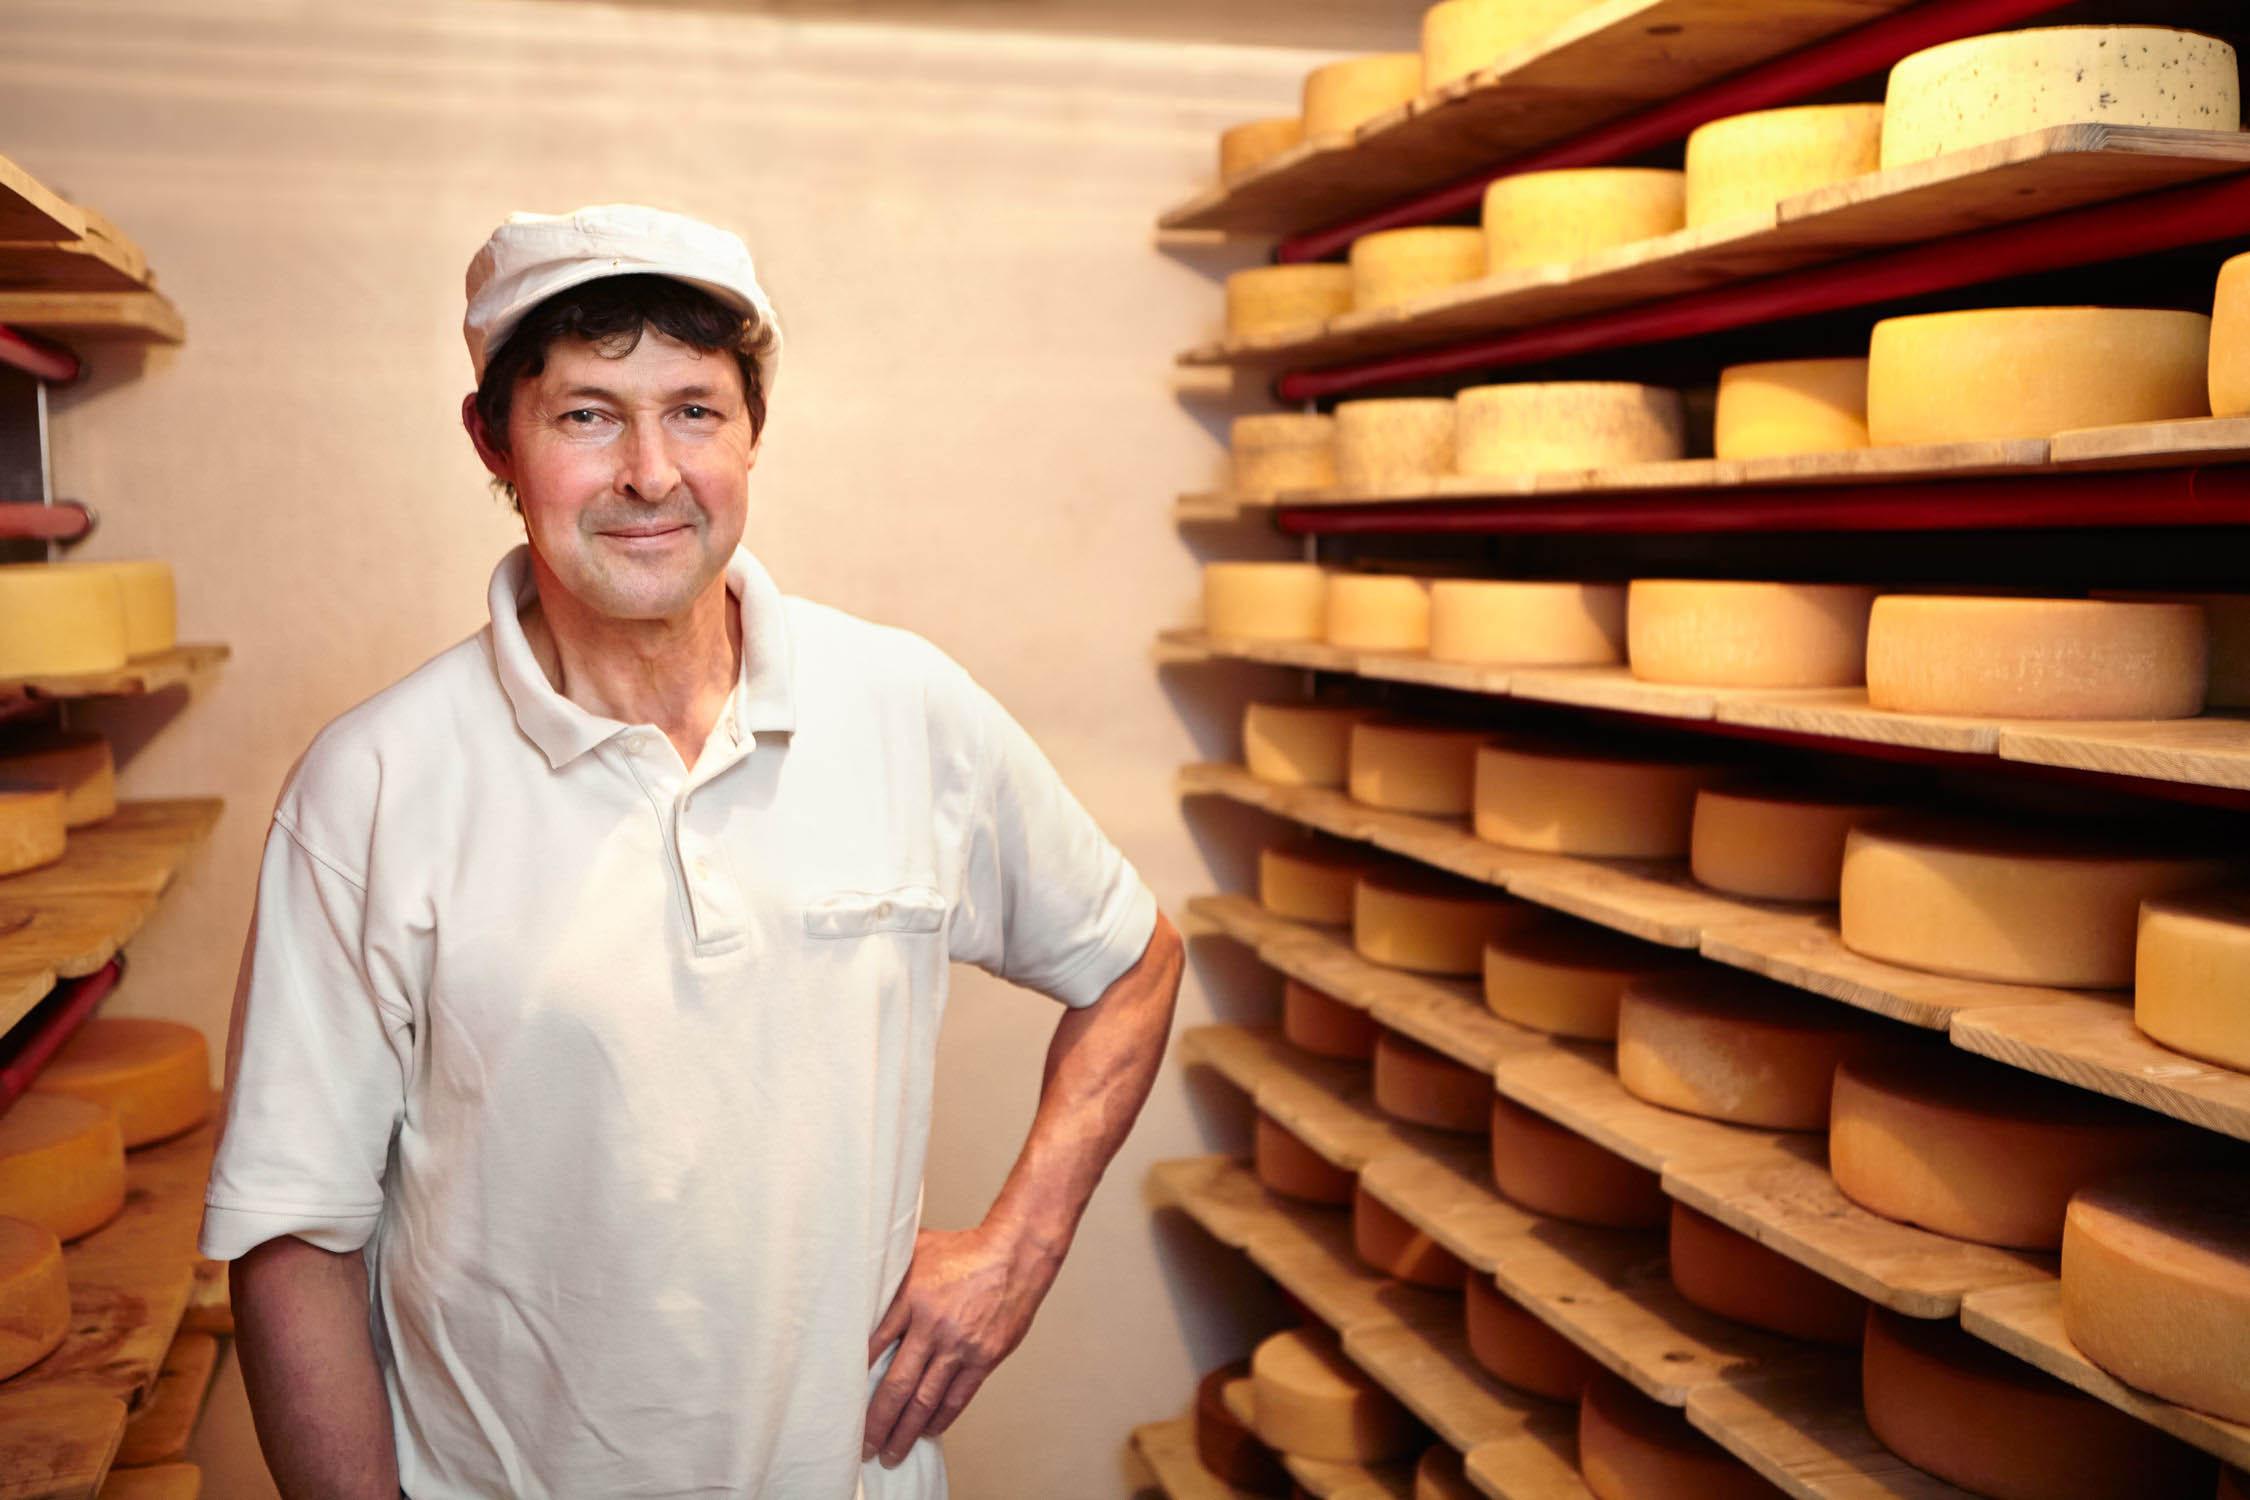 honhardter demeter höfe käseherstellung josef huber kraus Käser käse Keller Pflege Käserei jörn strojny